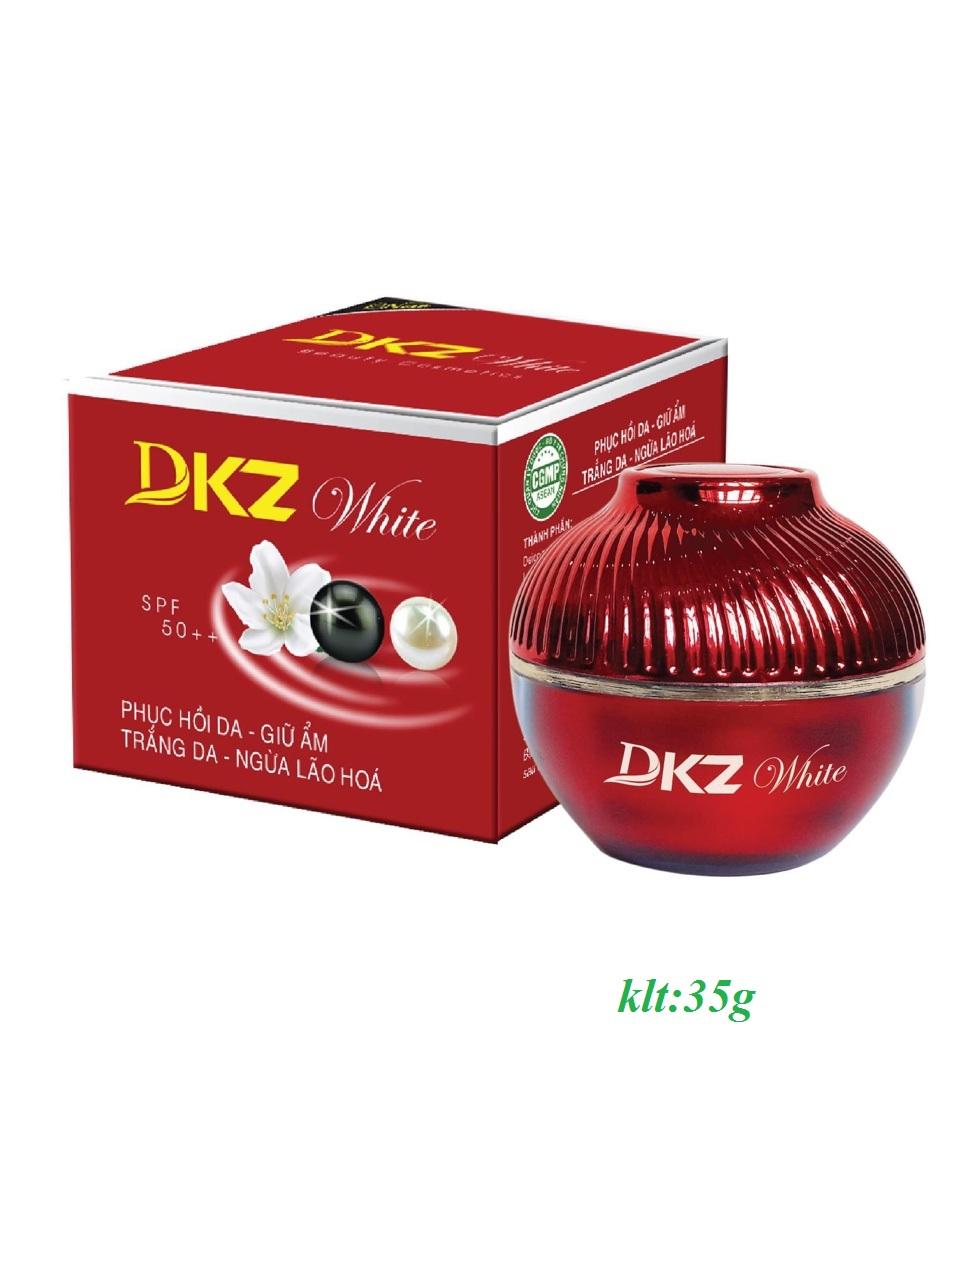 KEM Phục hồi da - Giữ ẩm - Trắng da - Ngừa lão hóa ( DKZ-WHITE ) 35G Hàng Chính Hãng